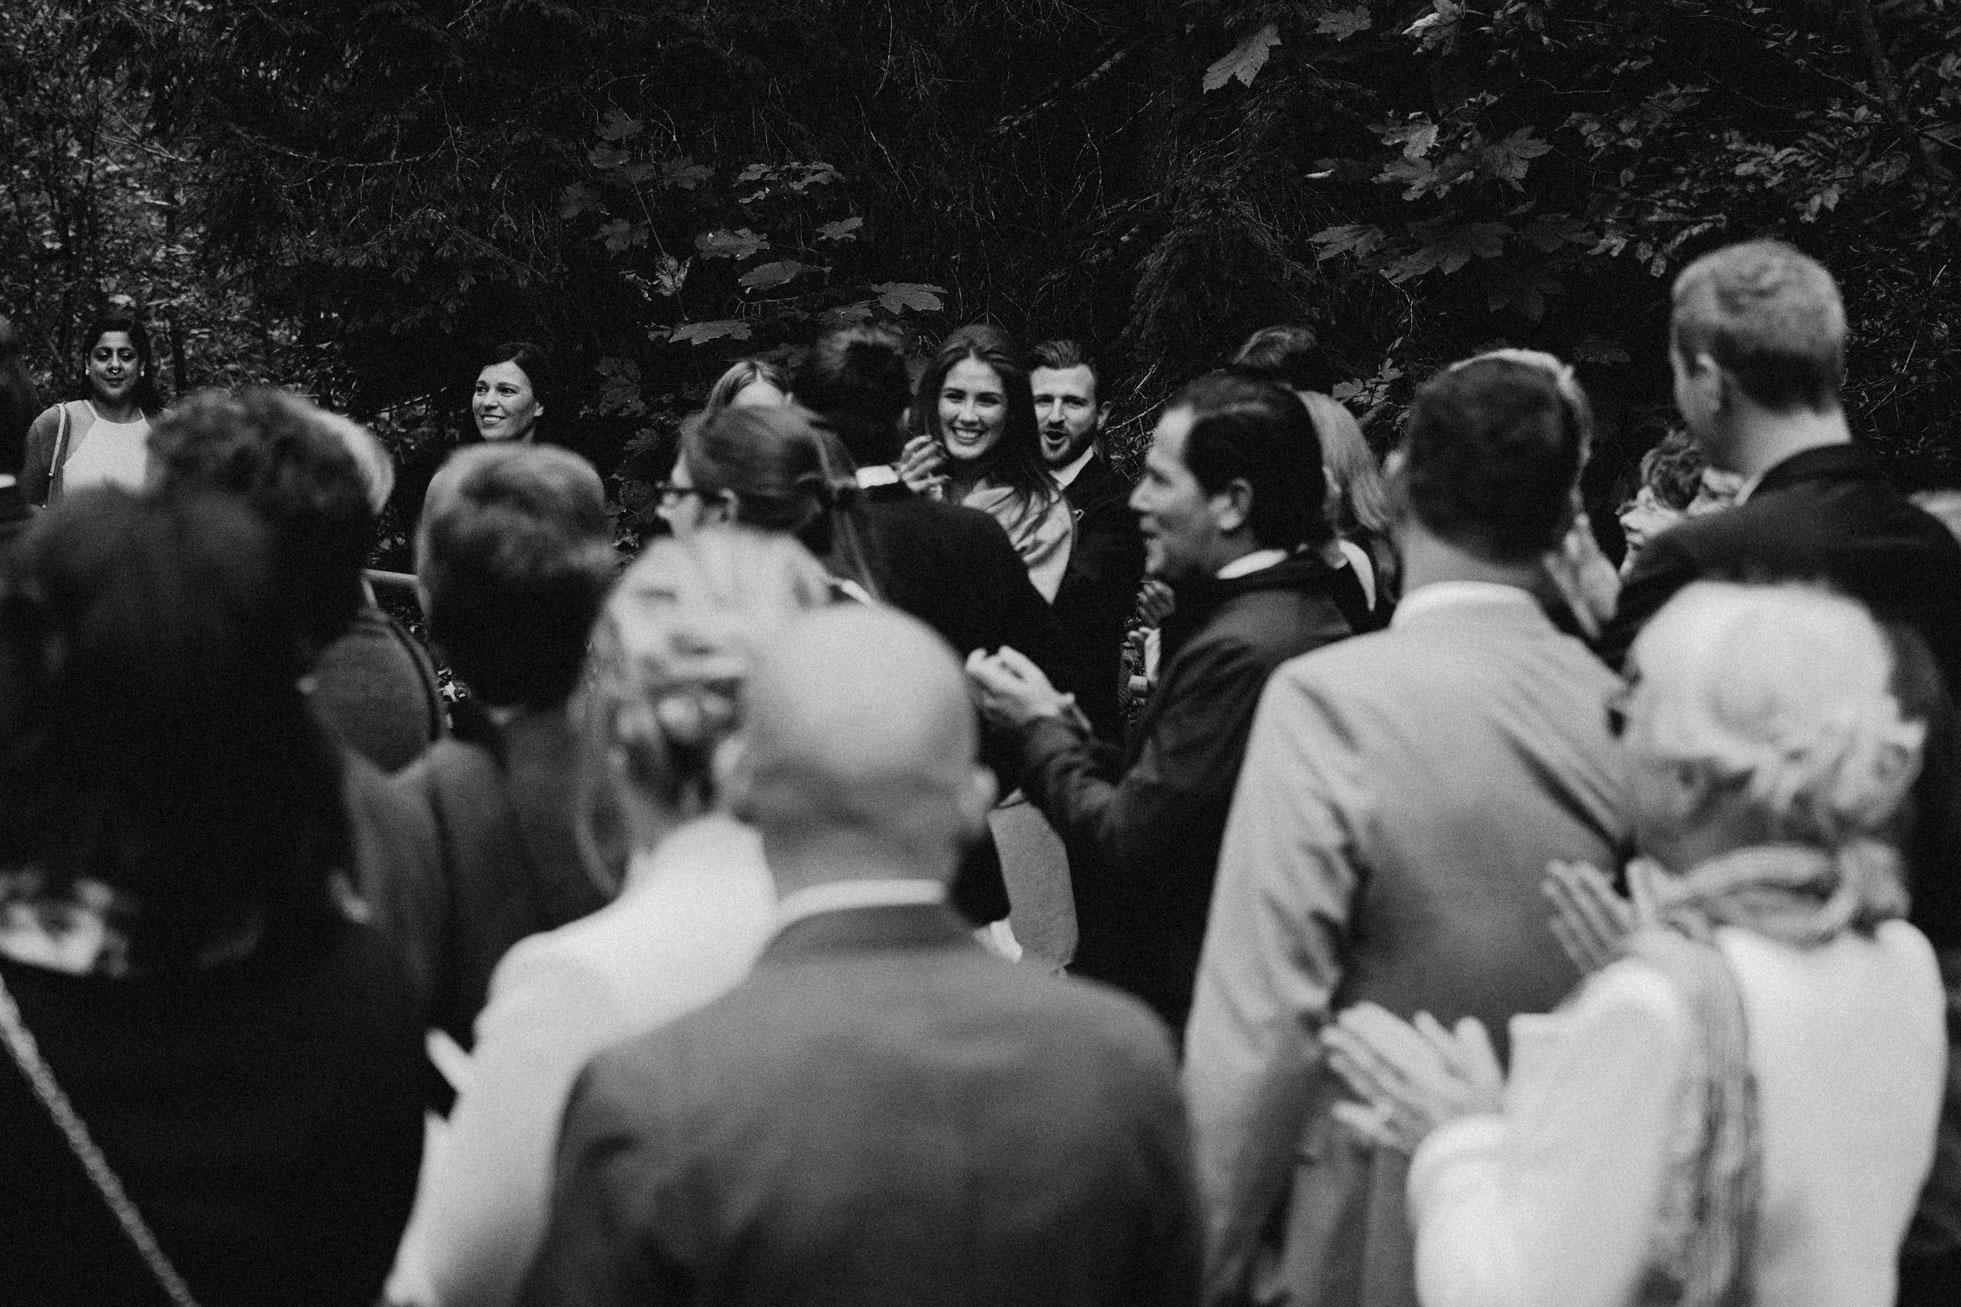 Hochzeit_Claire_Manuel_Villa_Maund_Daniel_Jenny-476.jpg